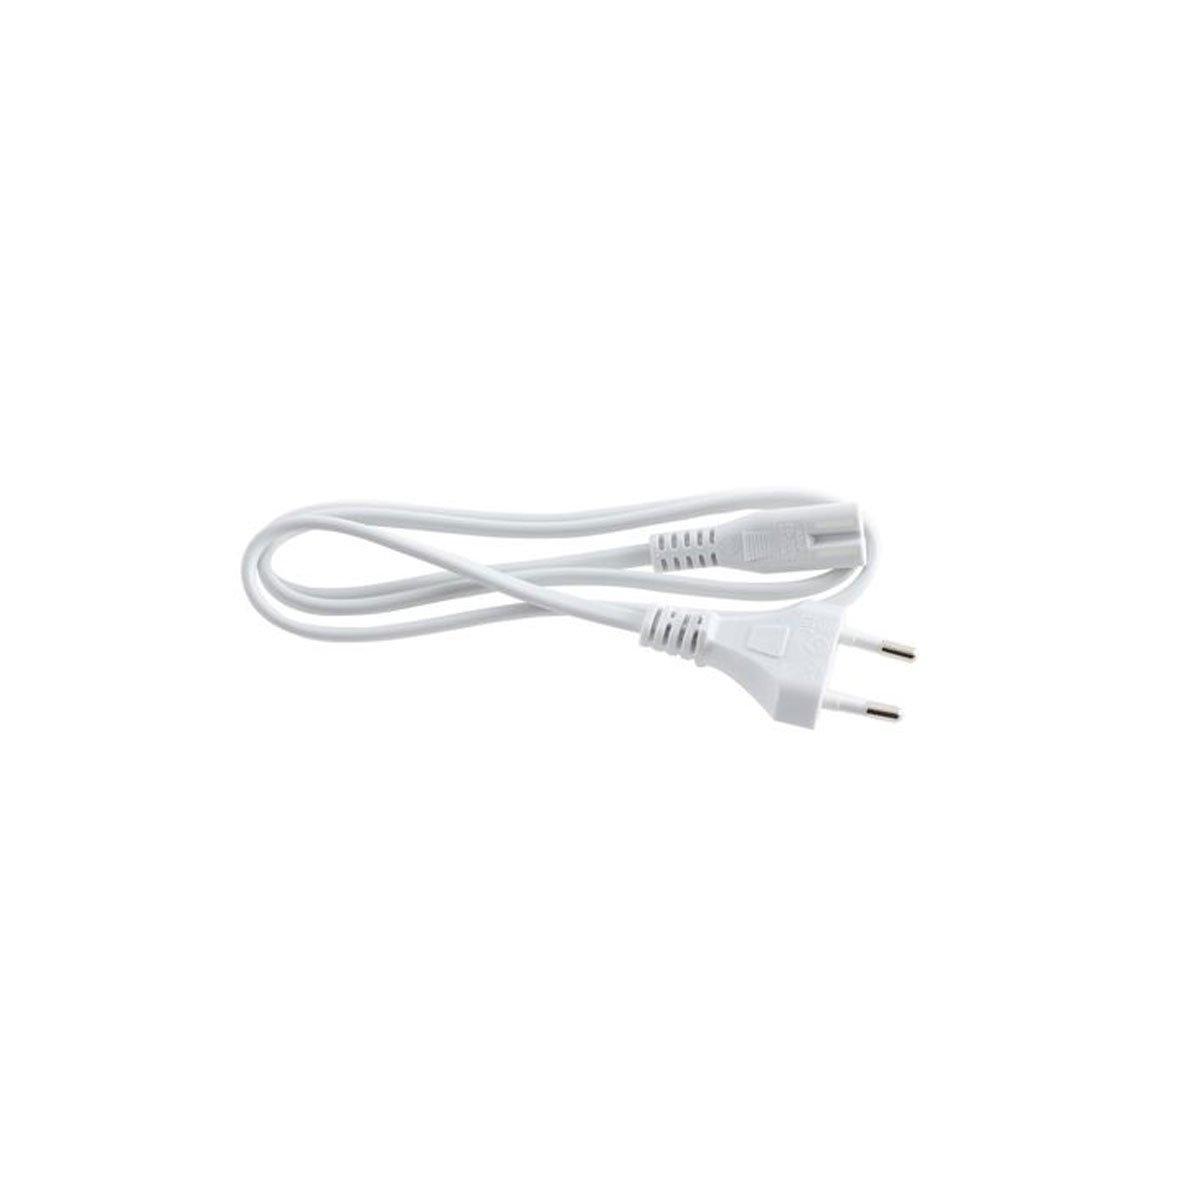 DJI Phantom 4 – 100W AC Power Adaptor Cable (EU)